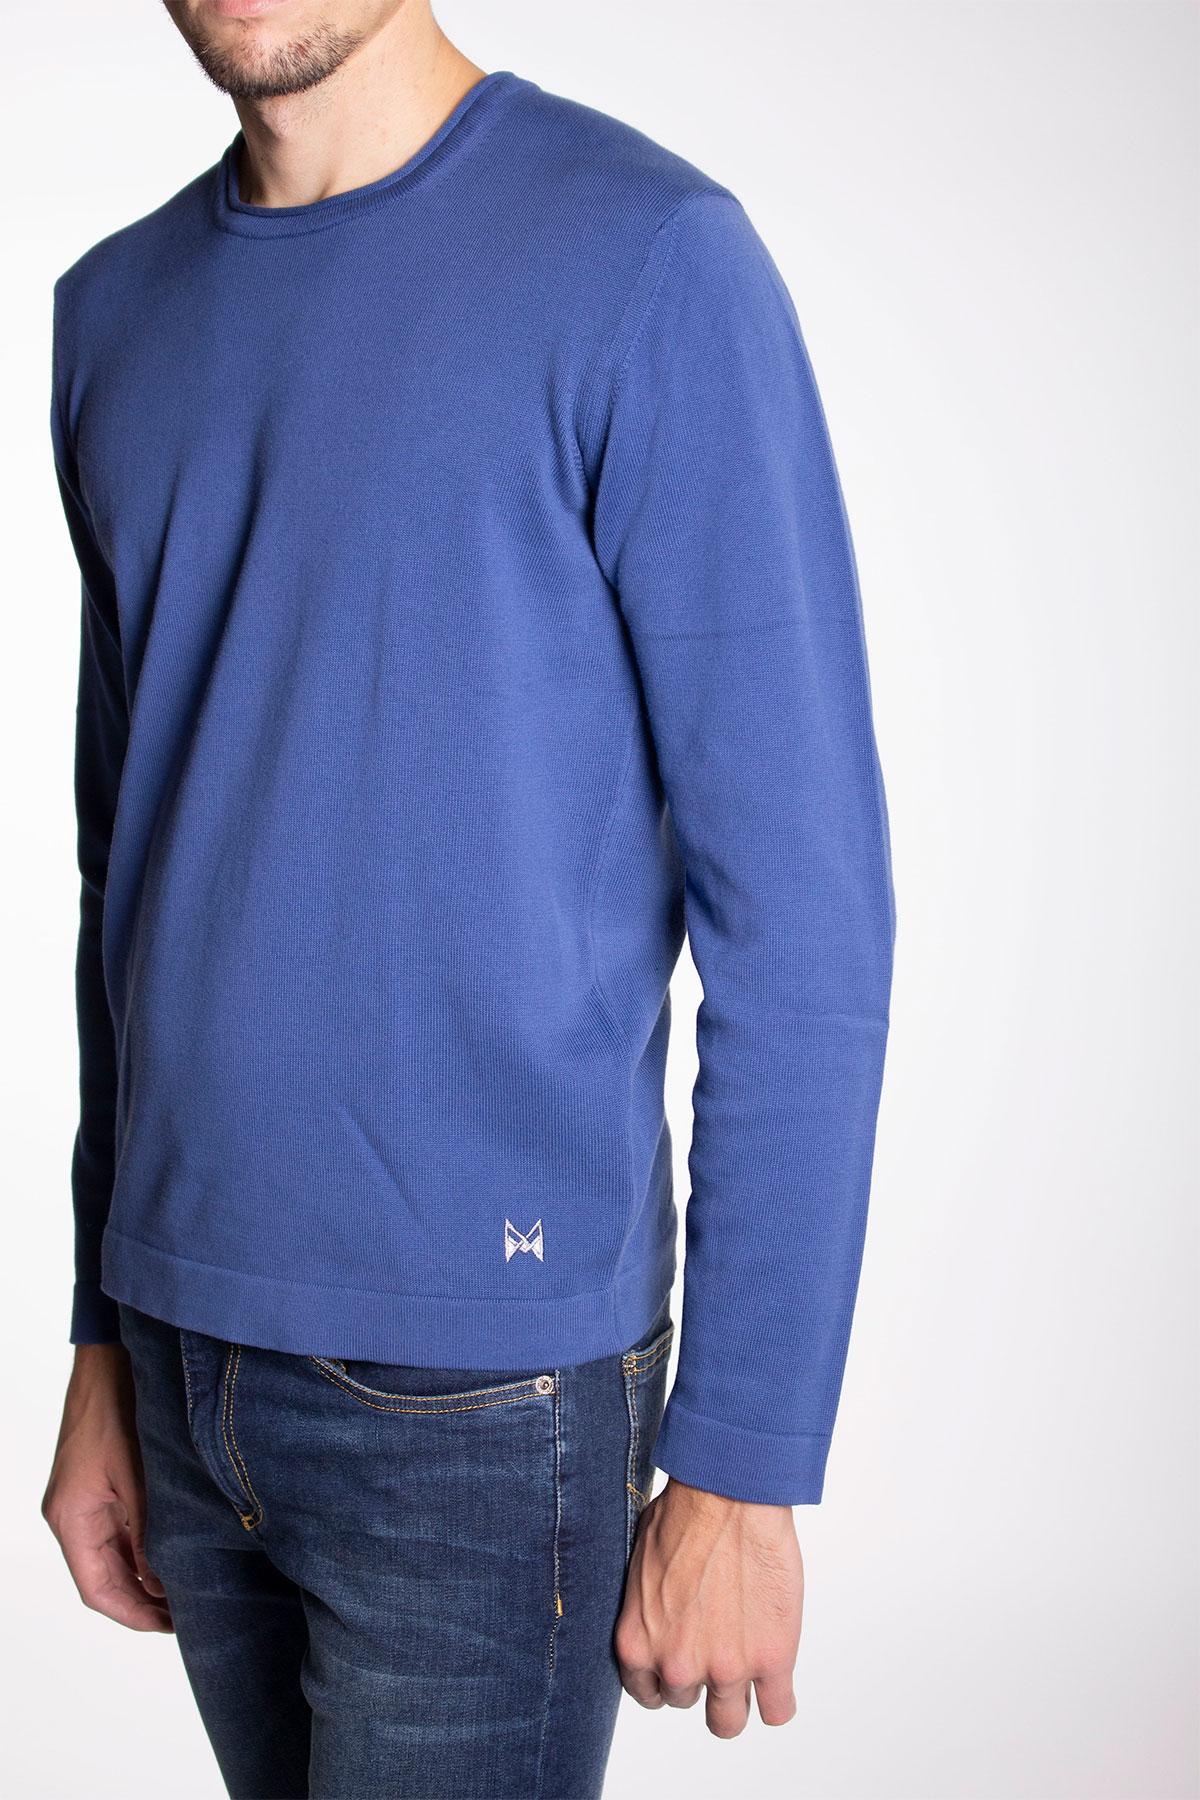 памучен мъжки пуловер есен зима 2021